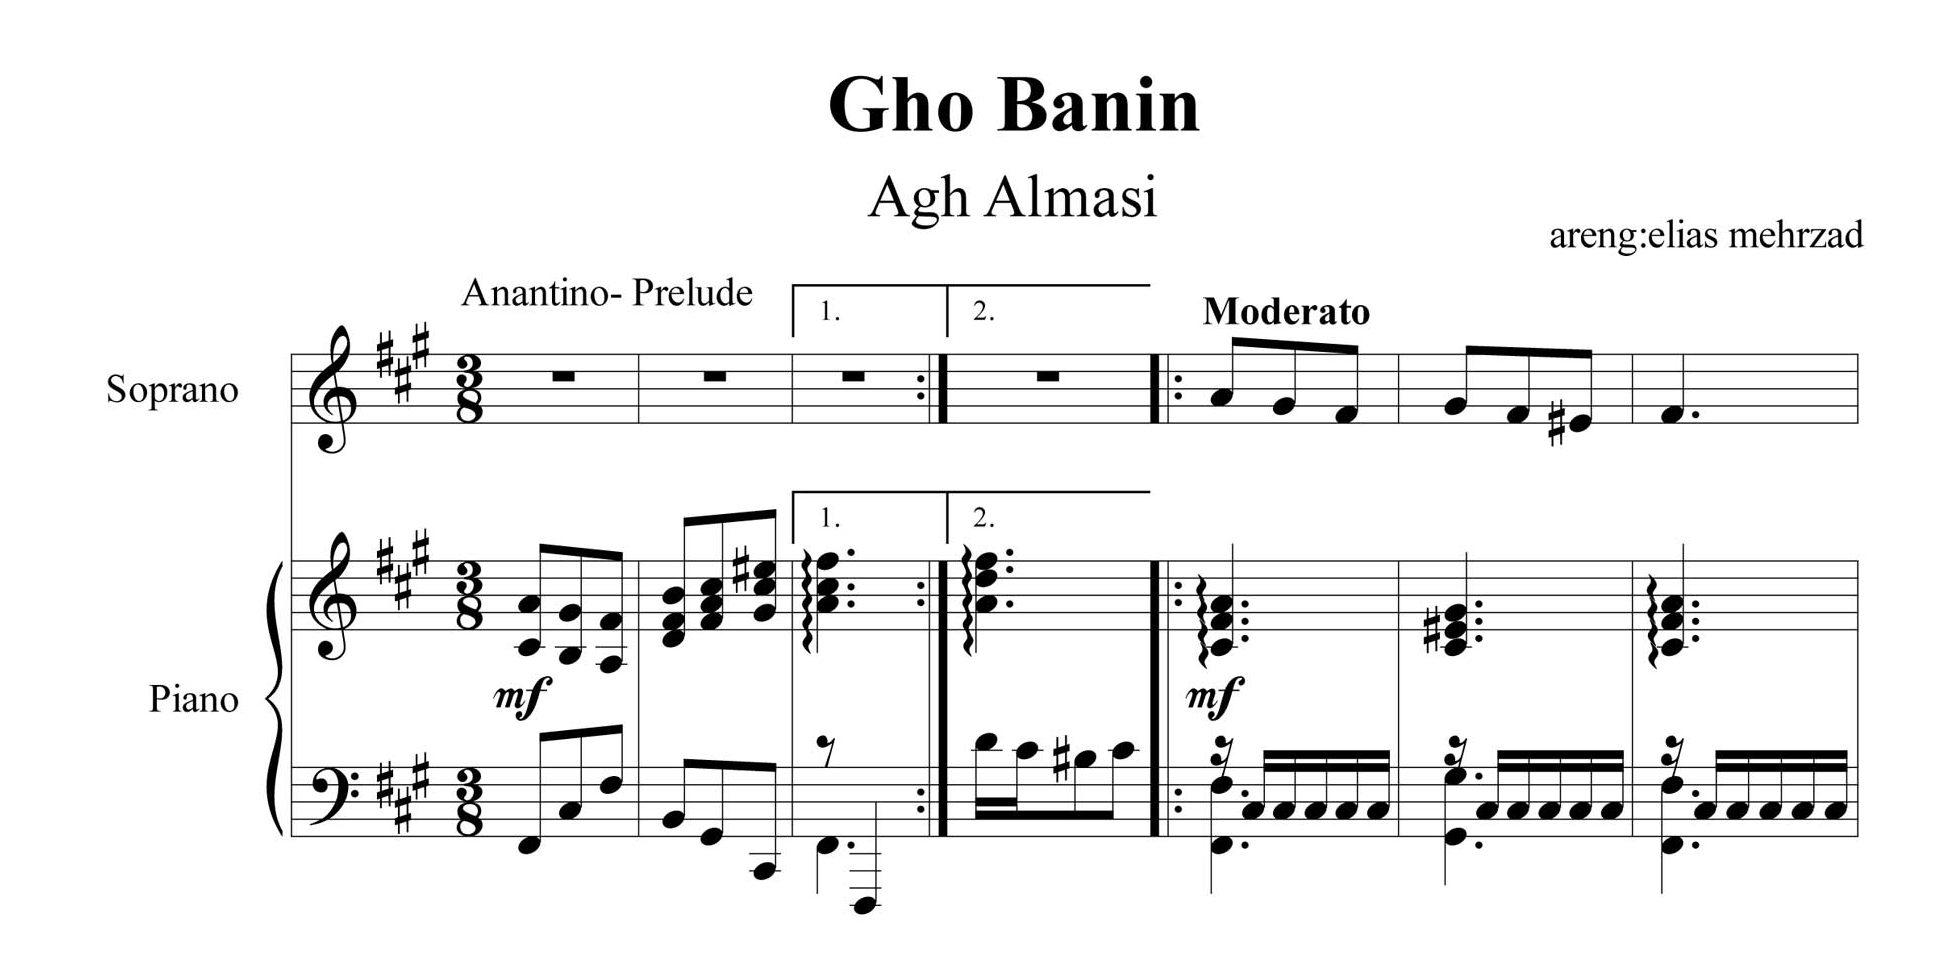 نت پیانوی آهنگ قوبانین آغ آلماسی